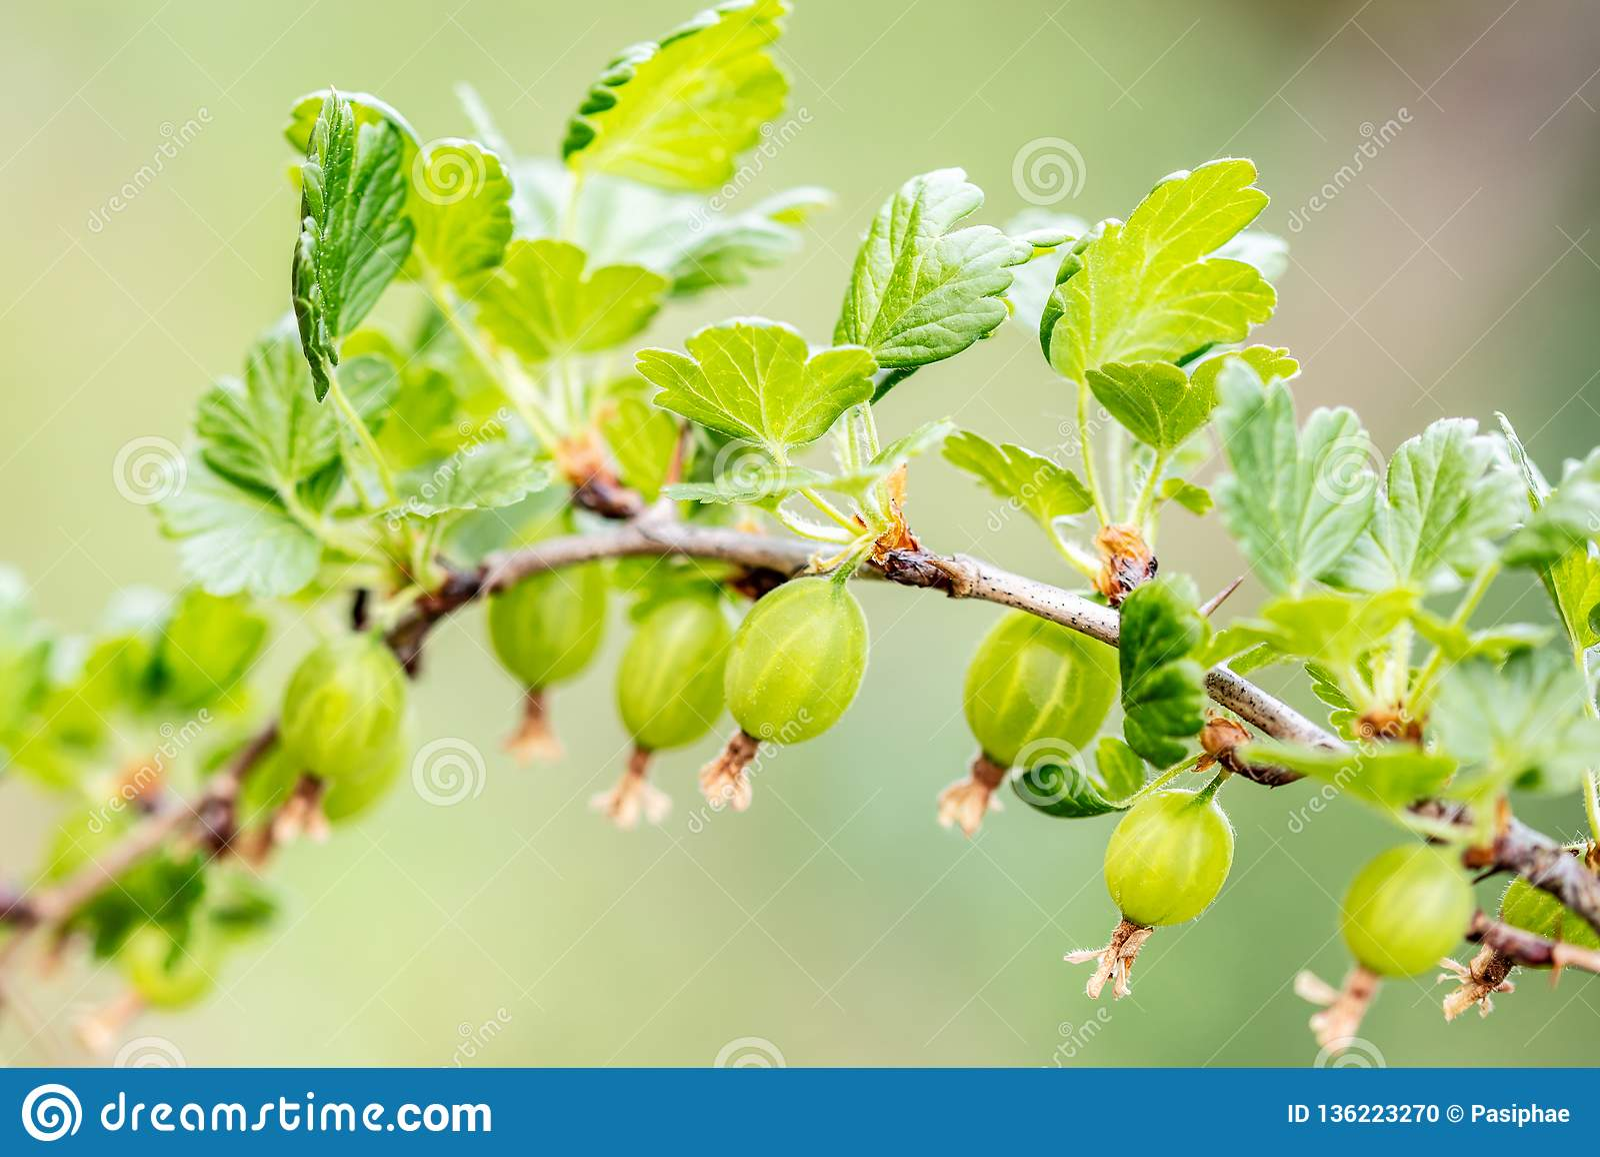 Κλάδος uva-crispa Ribes με τις νεολαίες πράσινα ριβήσια, αύξηση και ωριμότητα